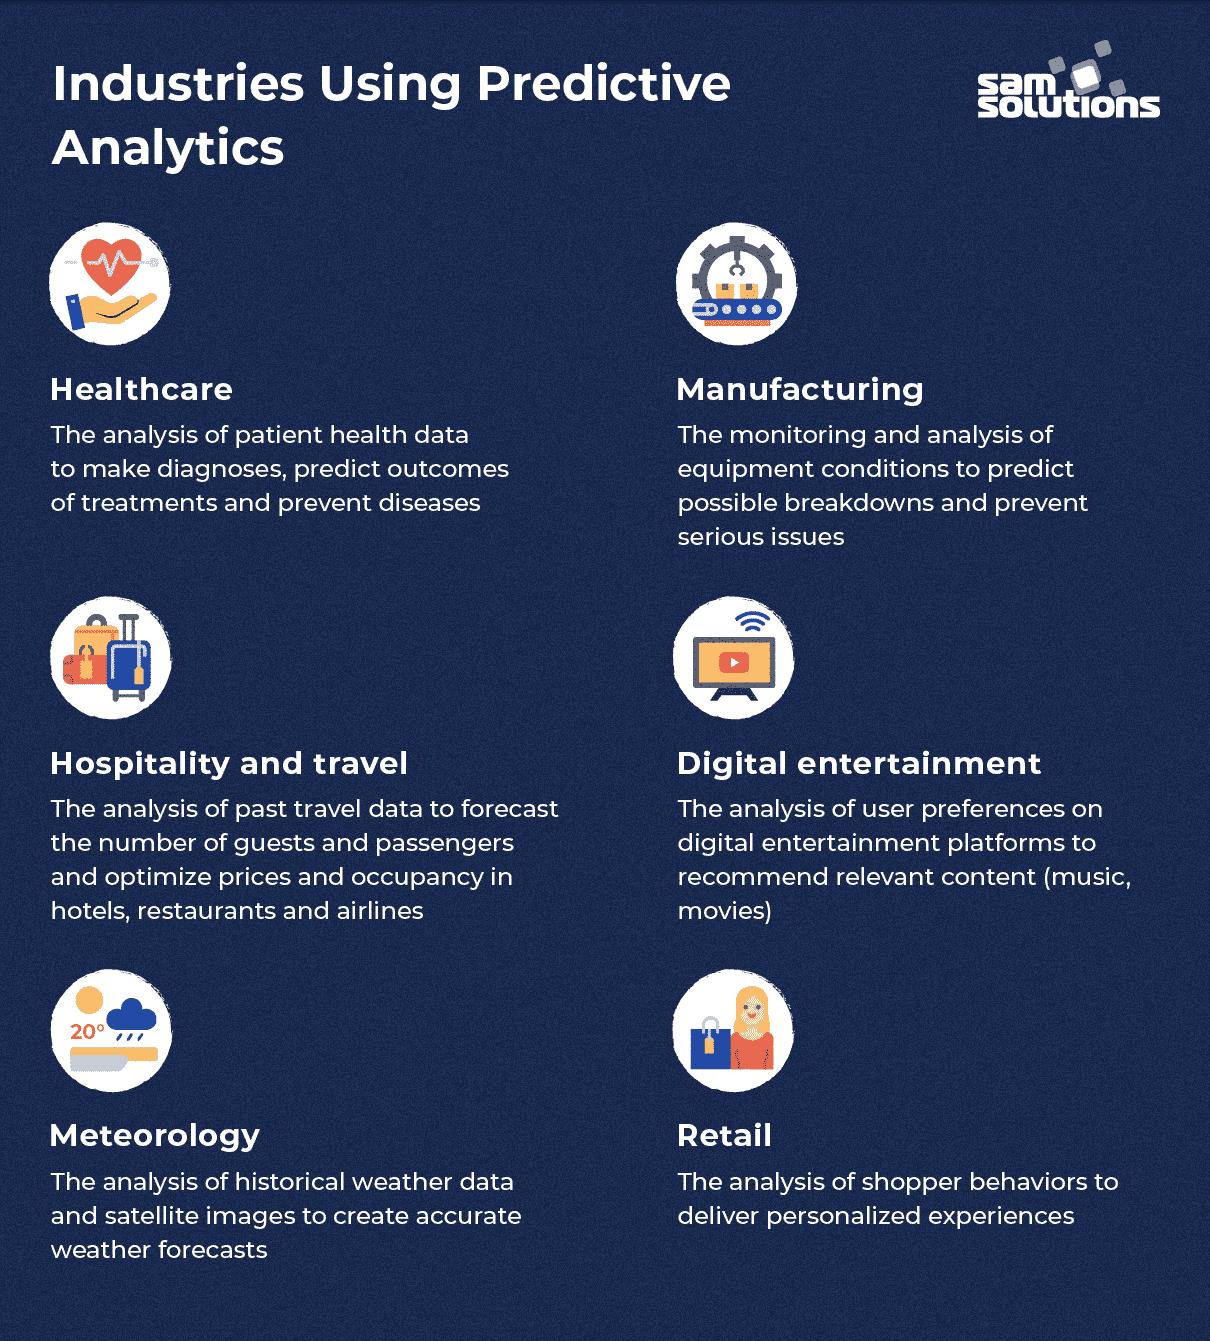 Predictive-analytics-use-cases